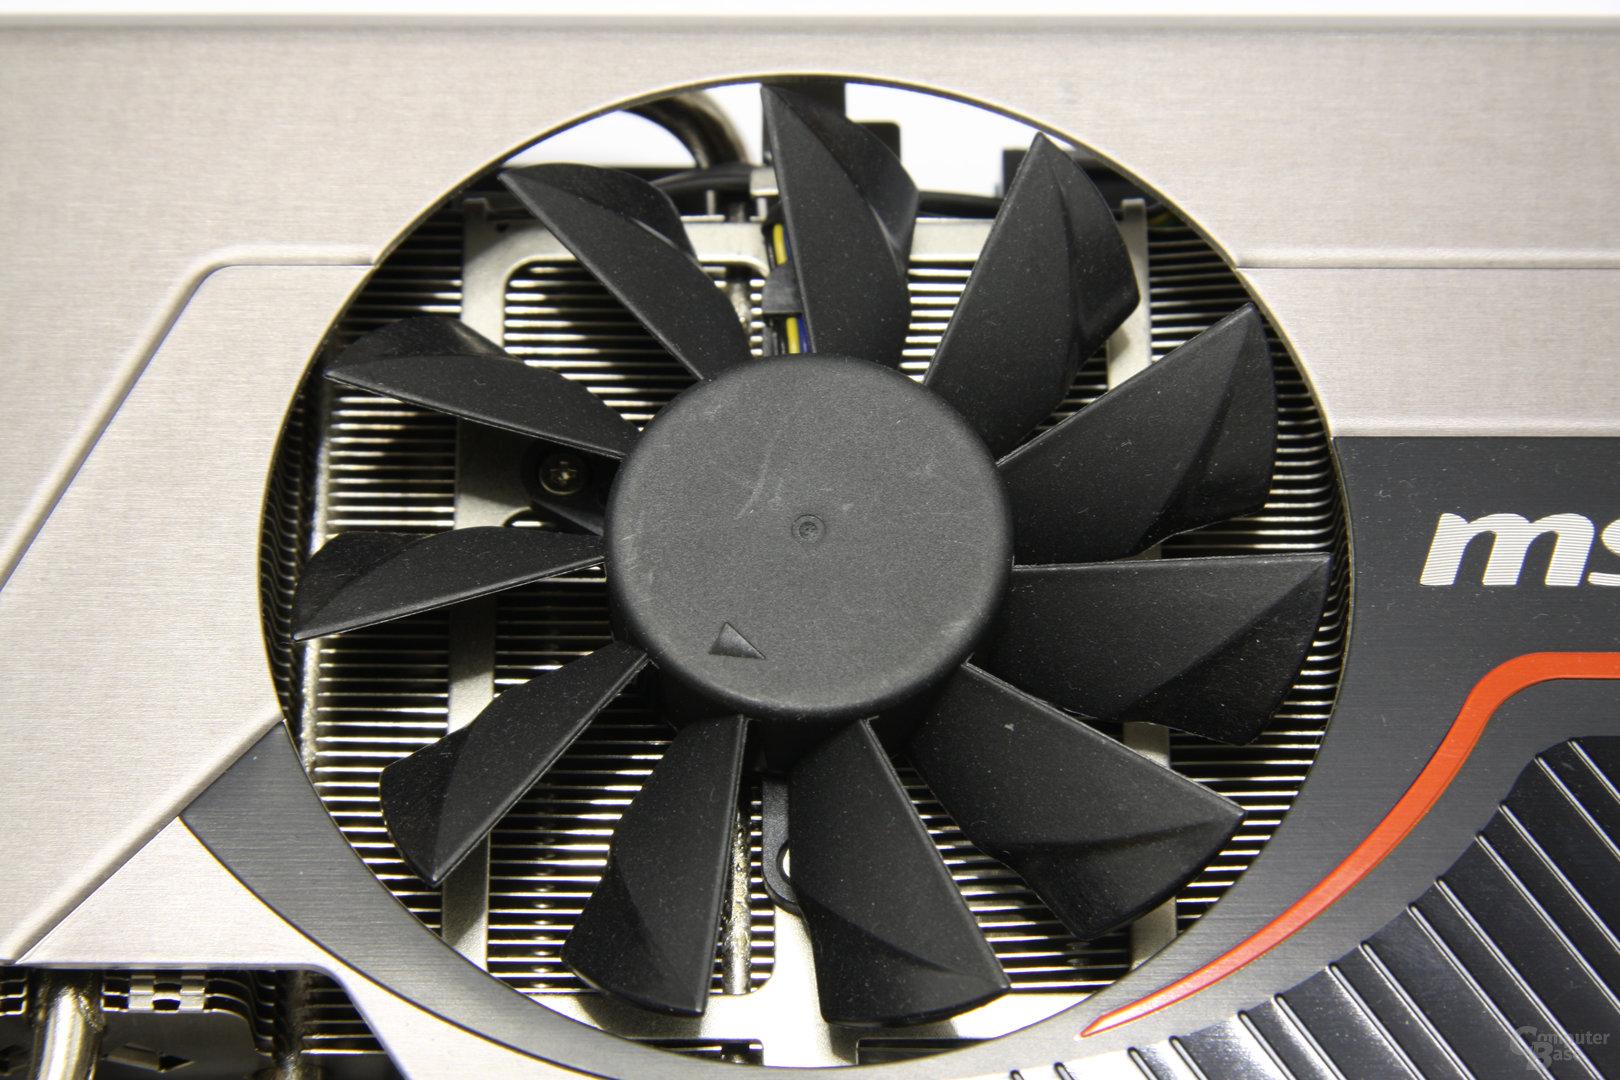 Radeon HD 6970 Lightning Lüfter